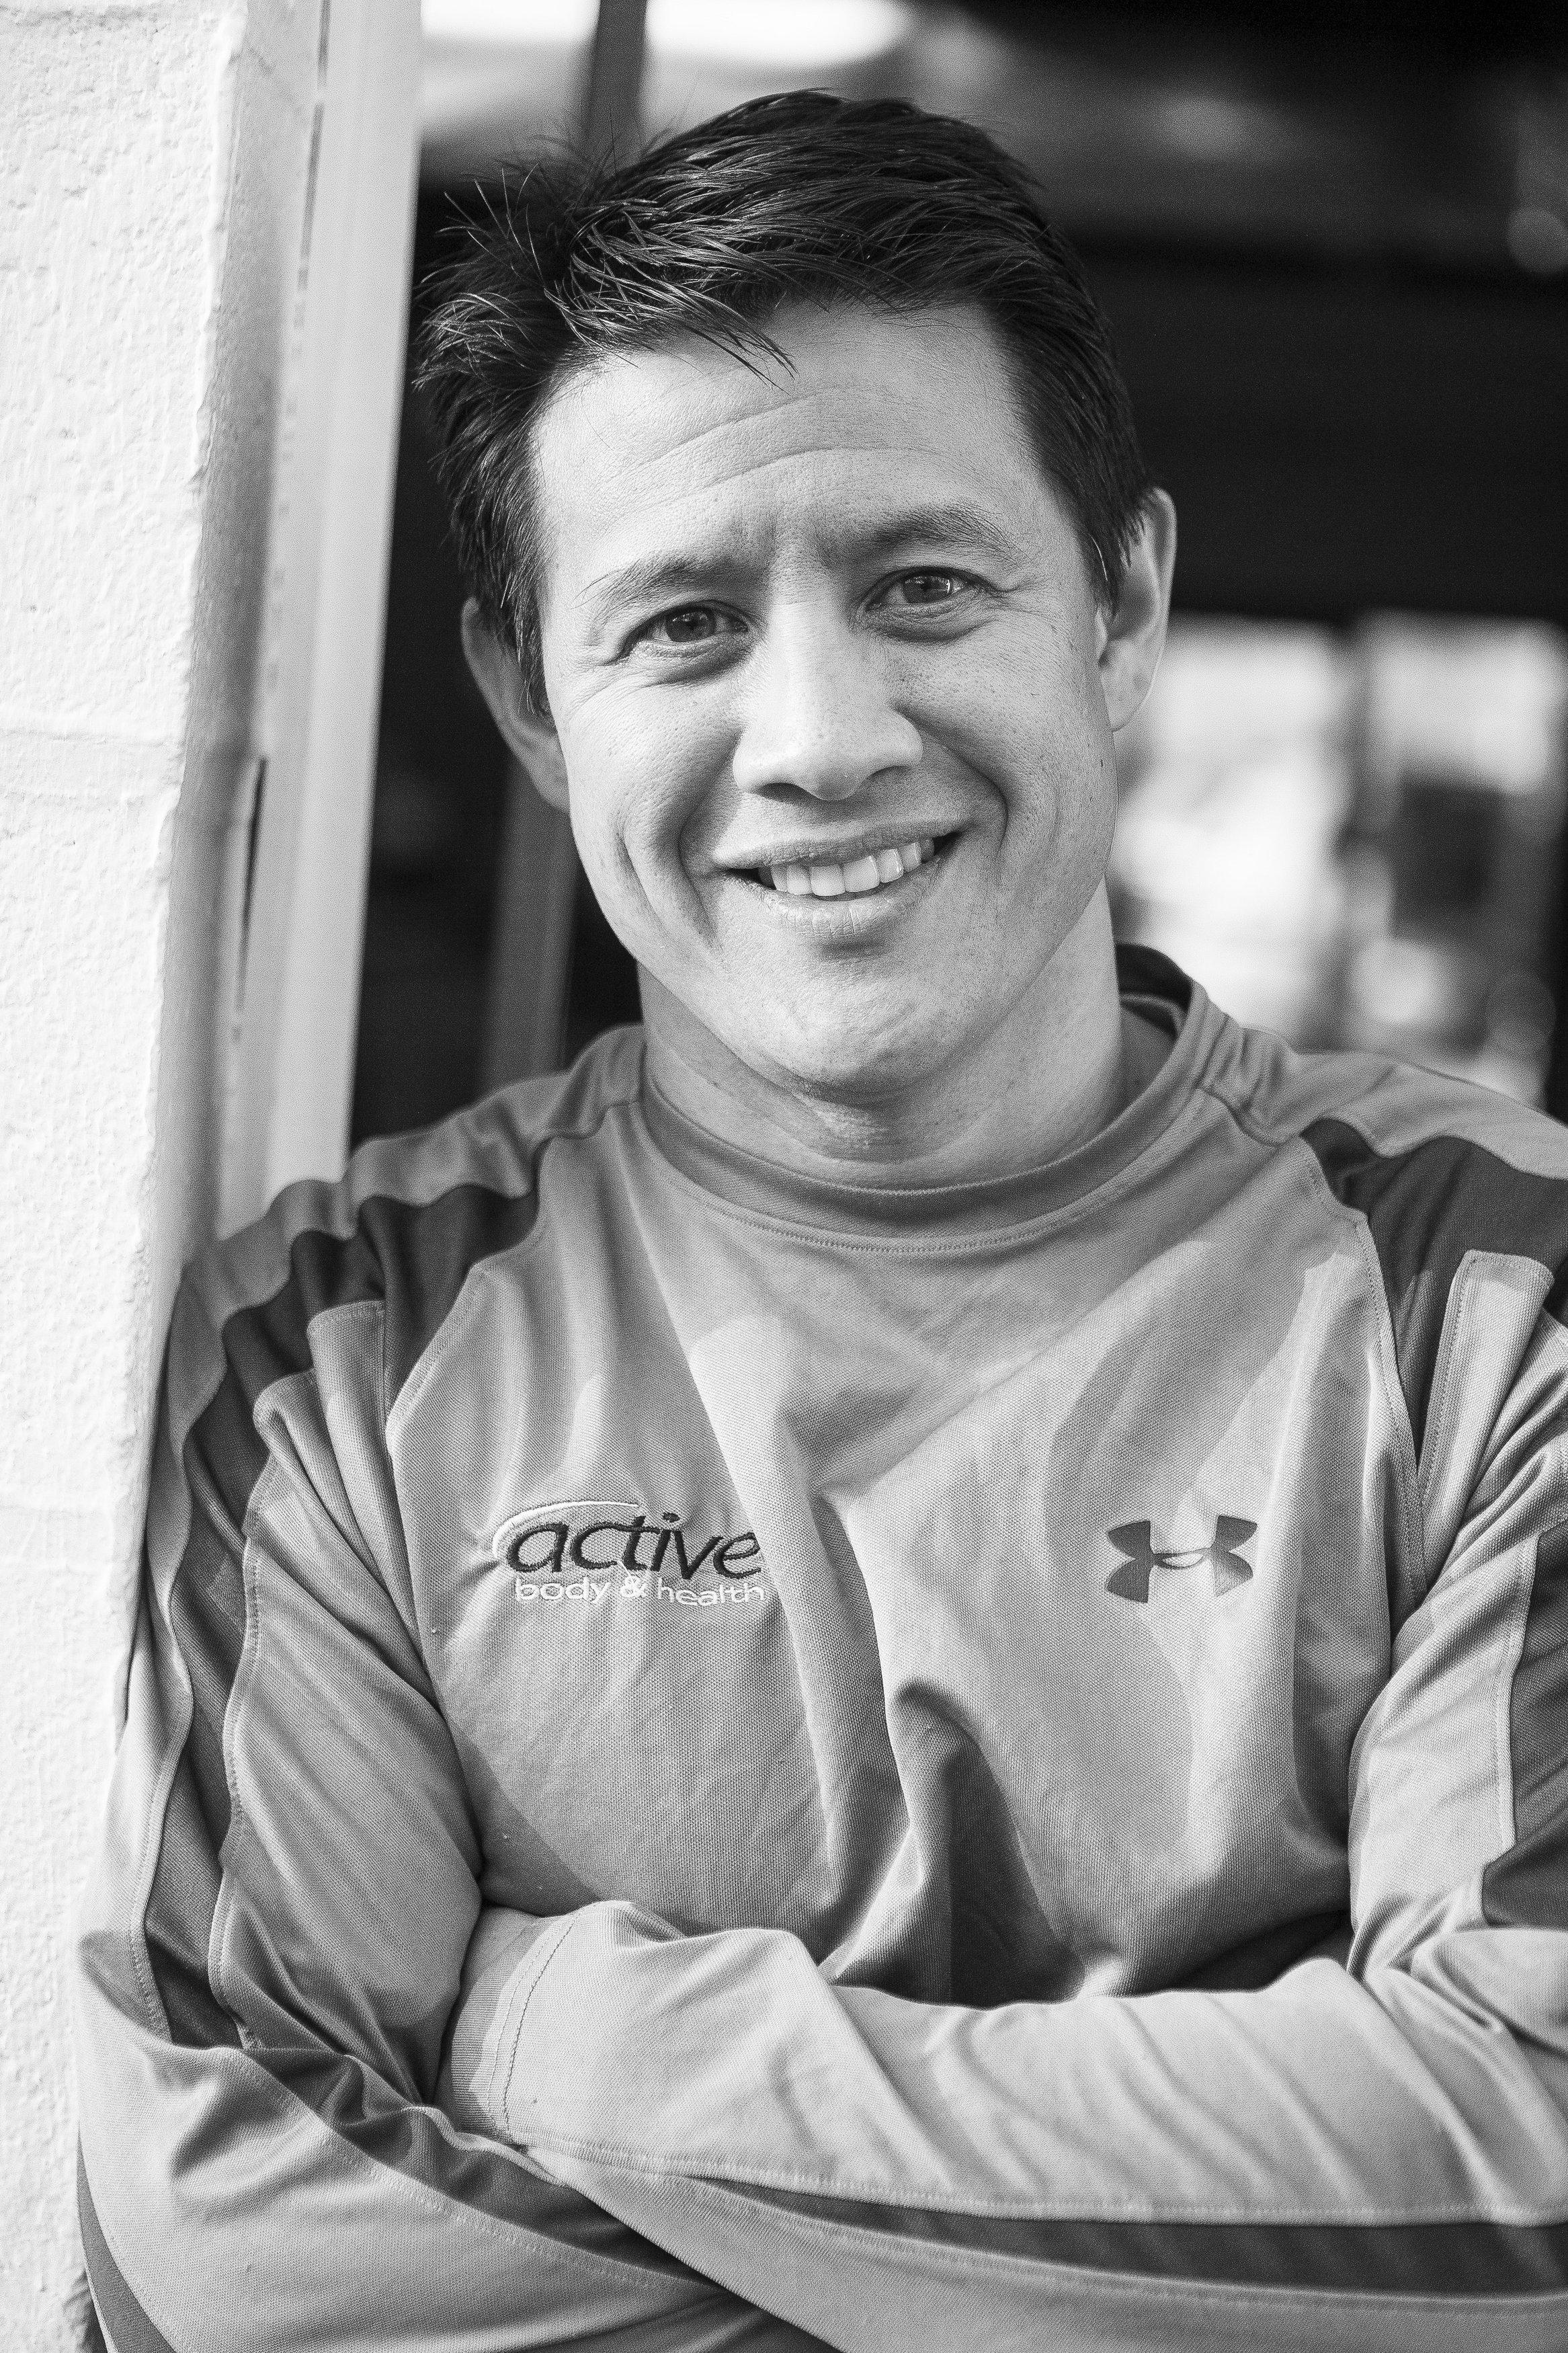 Dave Vincent, Owner